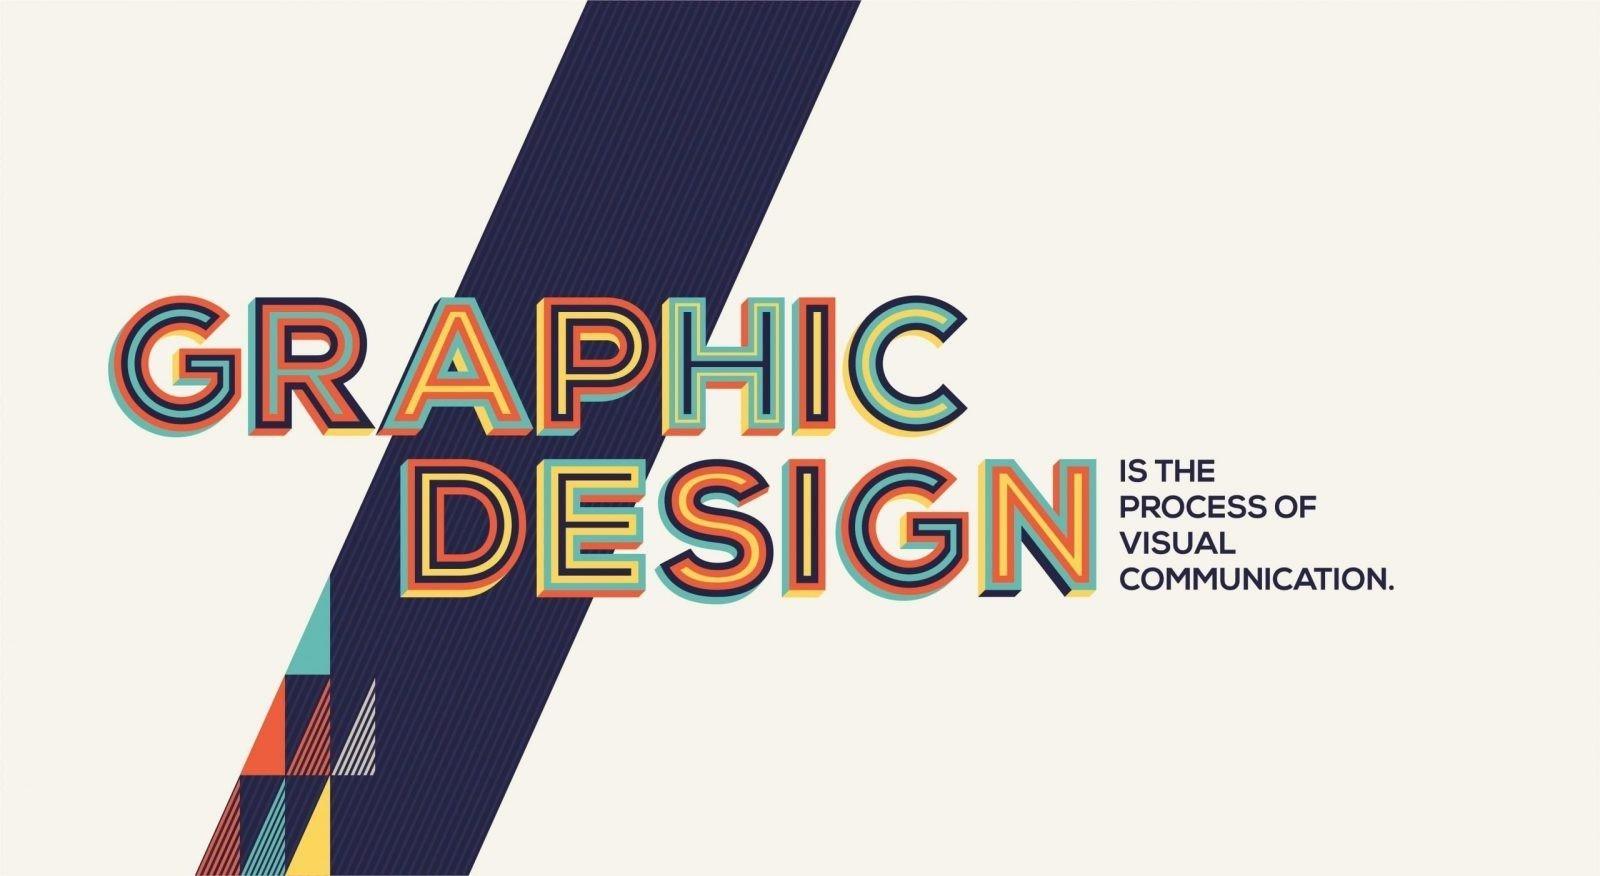 graphic design manifesto aalofts design scaled